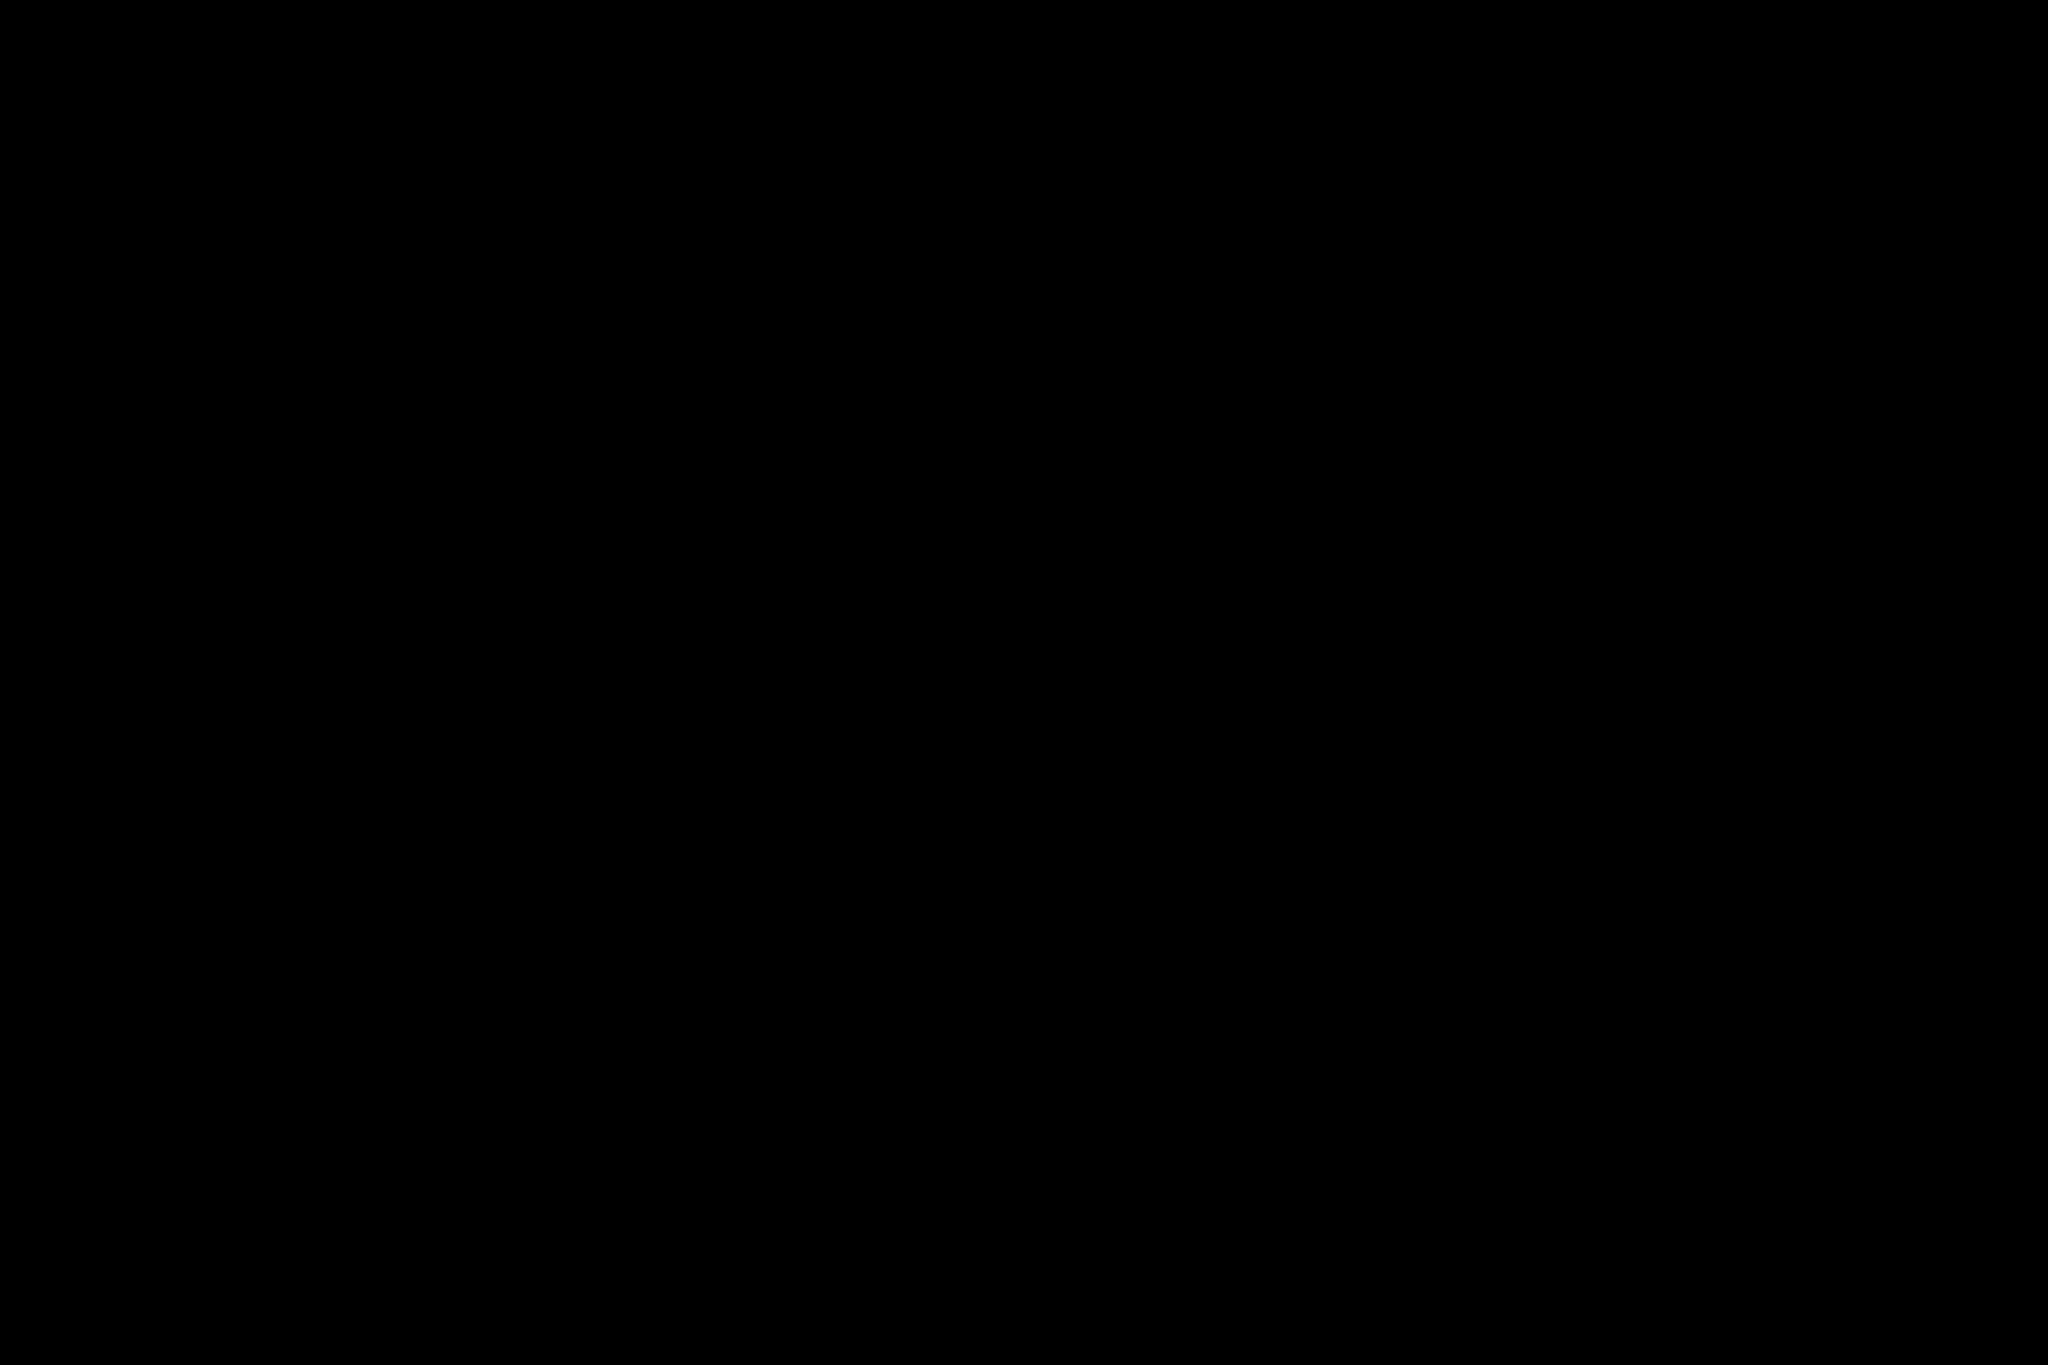 Apresentação da plataforma Energias Madeira